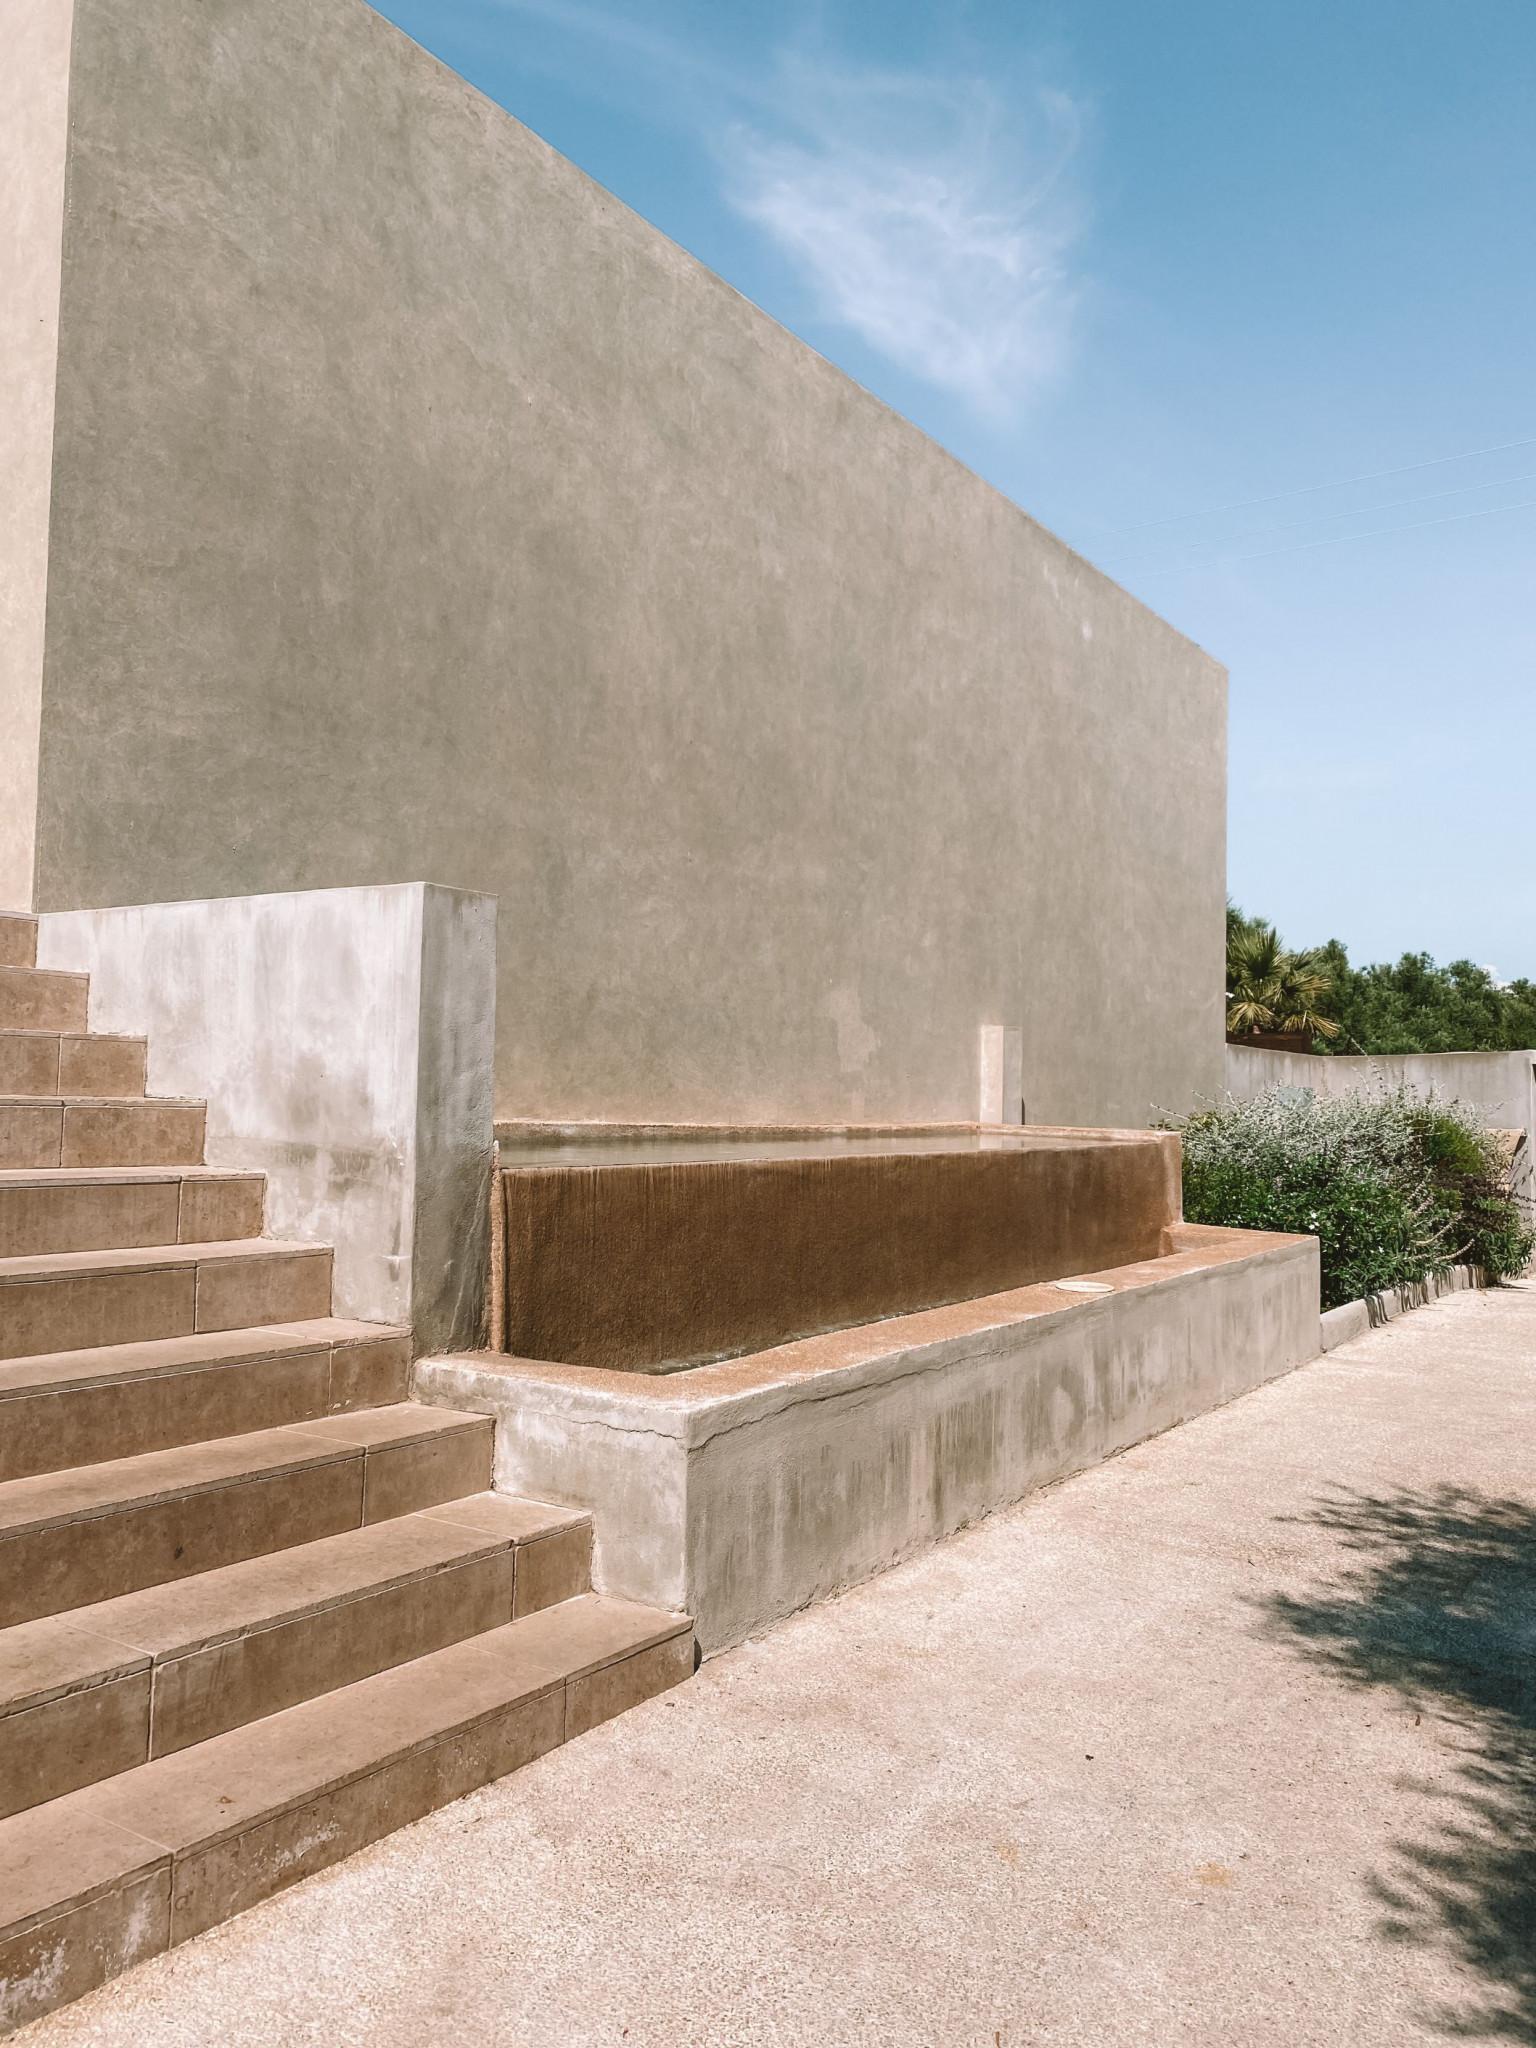 Grèce : Olea All Suite Hotel, bijou de design et de sérénite sur l'île de Zakynthos - 4